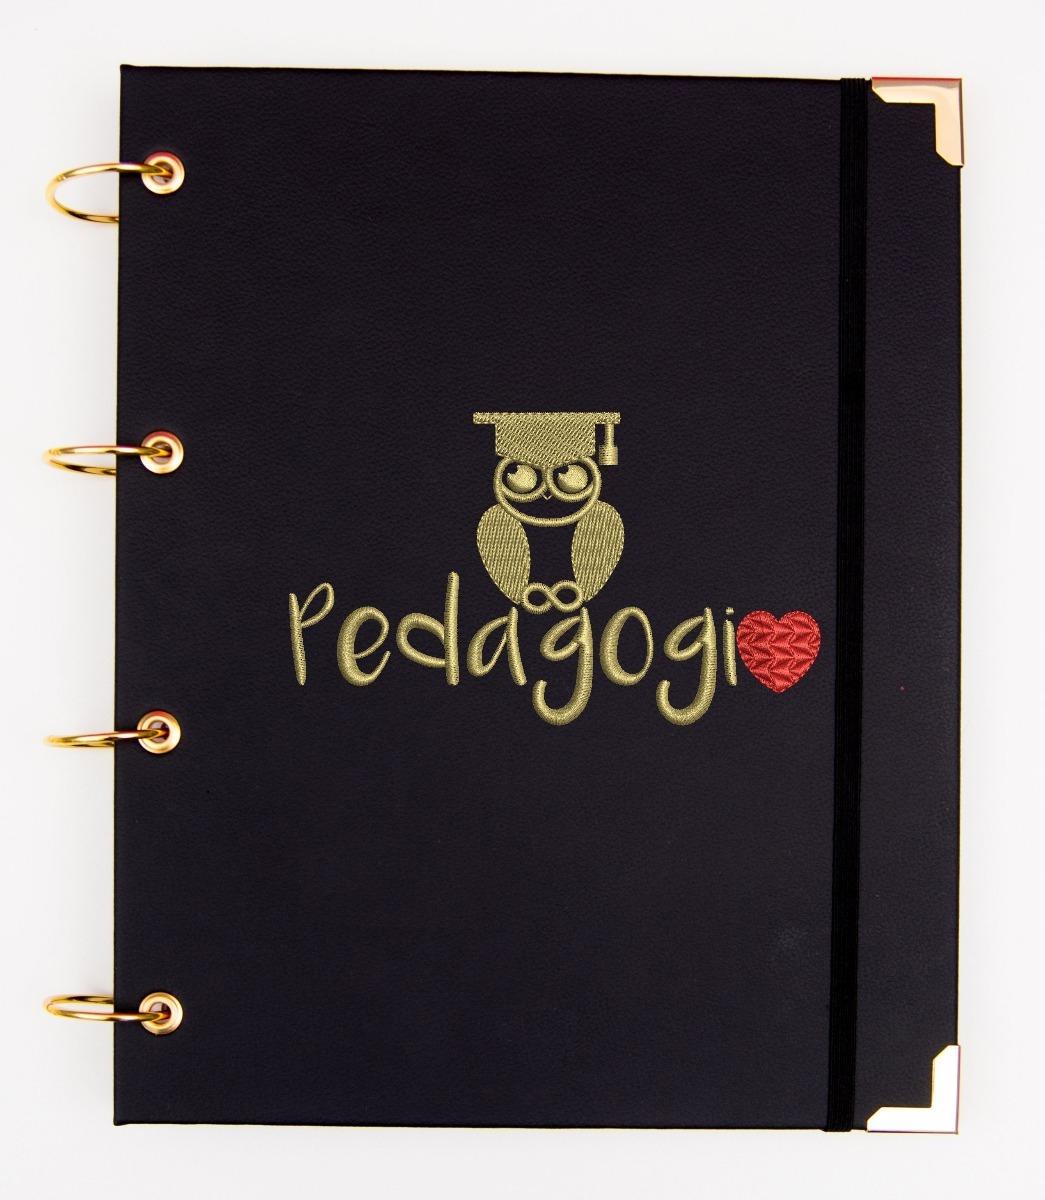 9c449ca0d79ec Carregando zoom... kit caderno argolado universitário pedagogia + camisa  polo